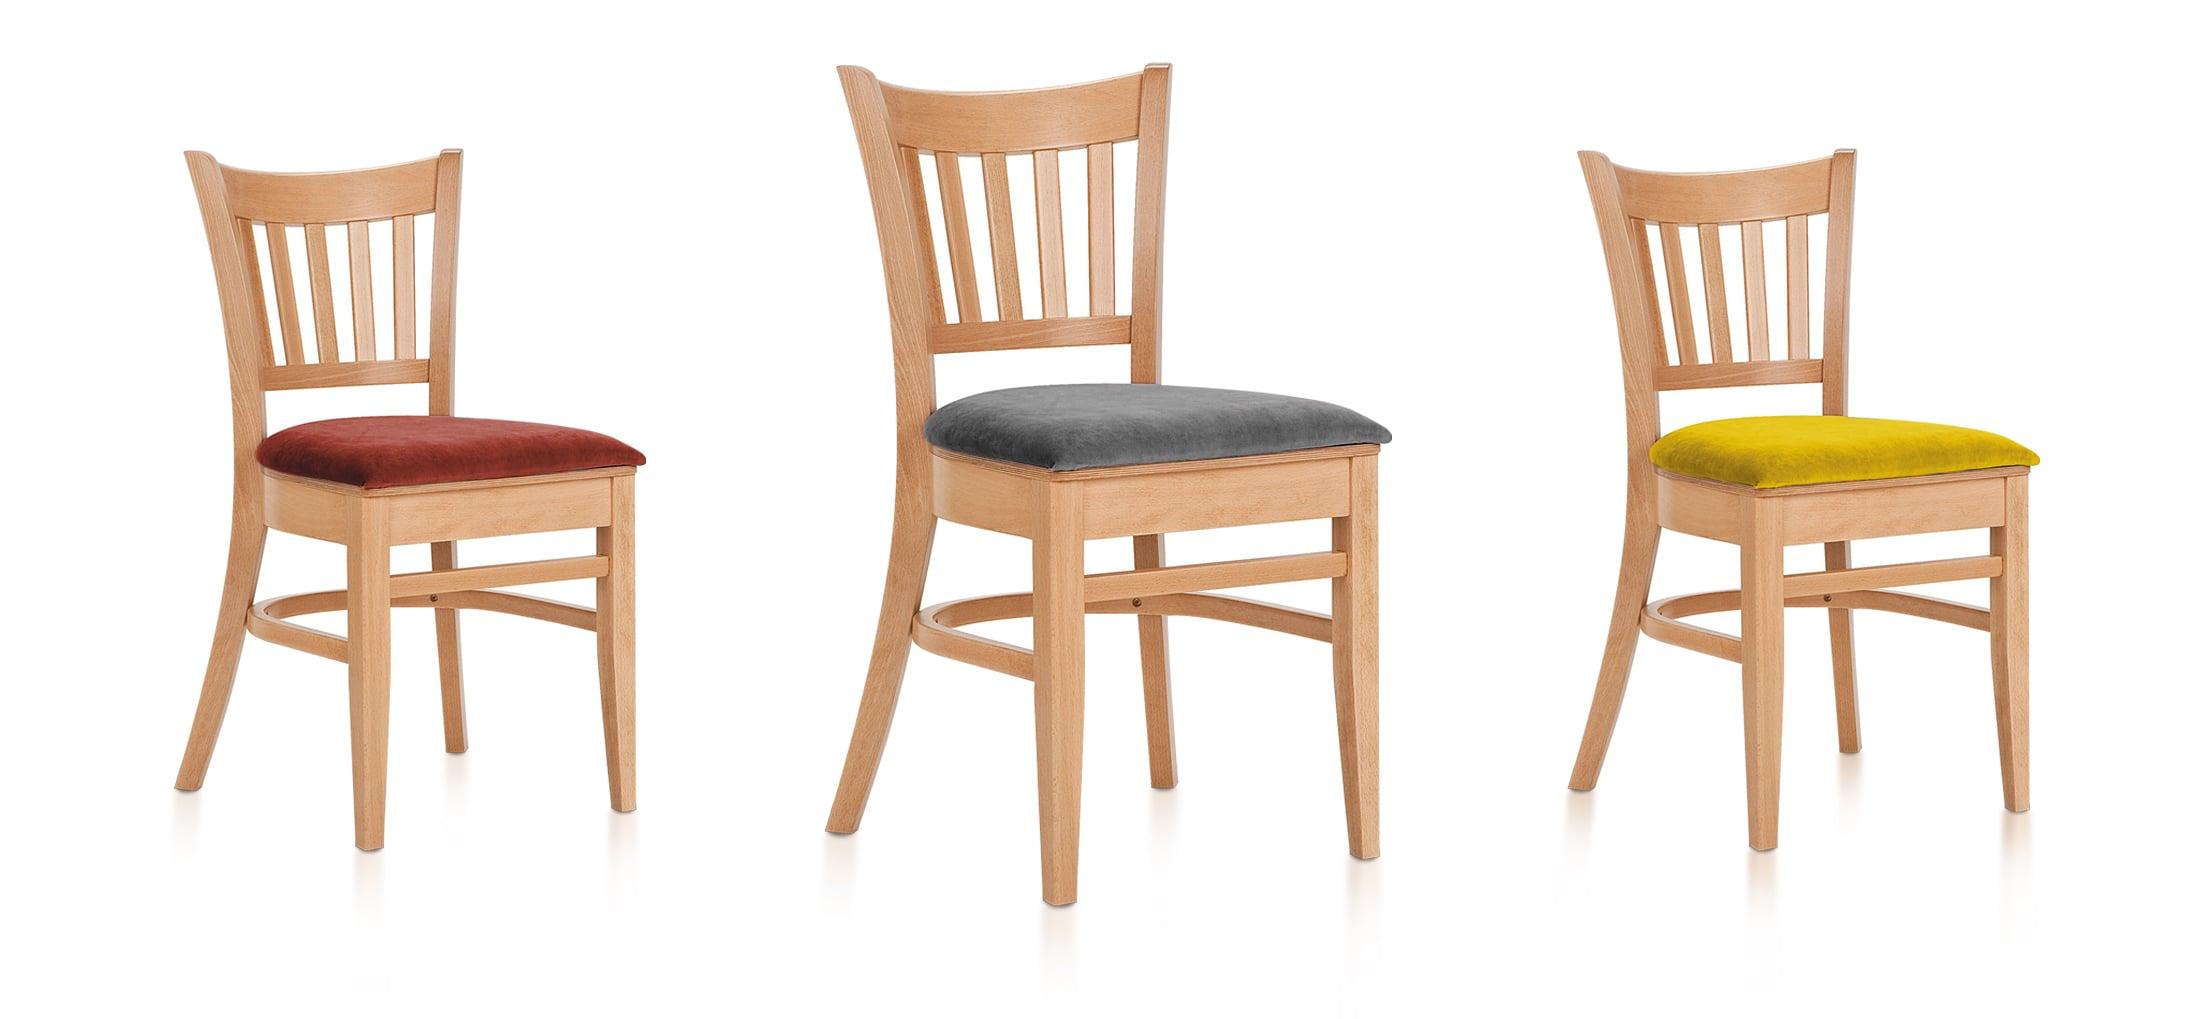 Židle s možností stohovat - buk masiv, čalouněný sedák   Ressed